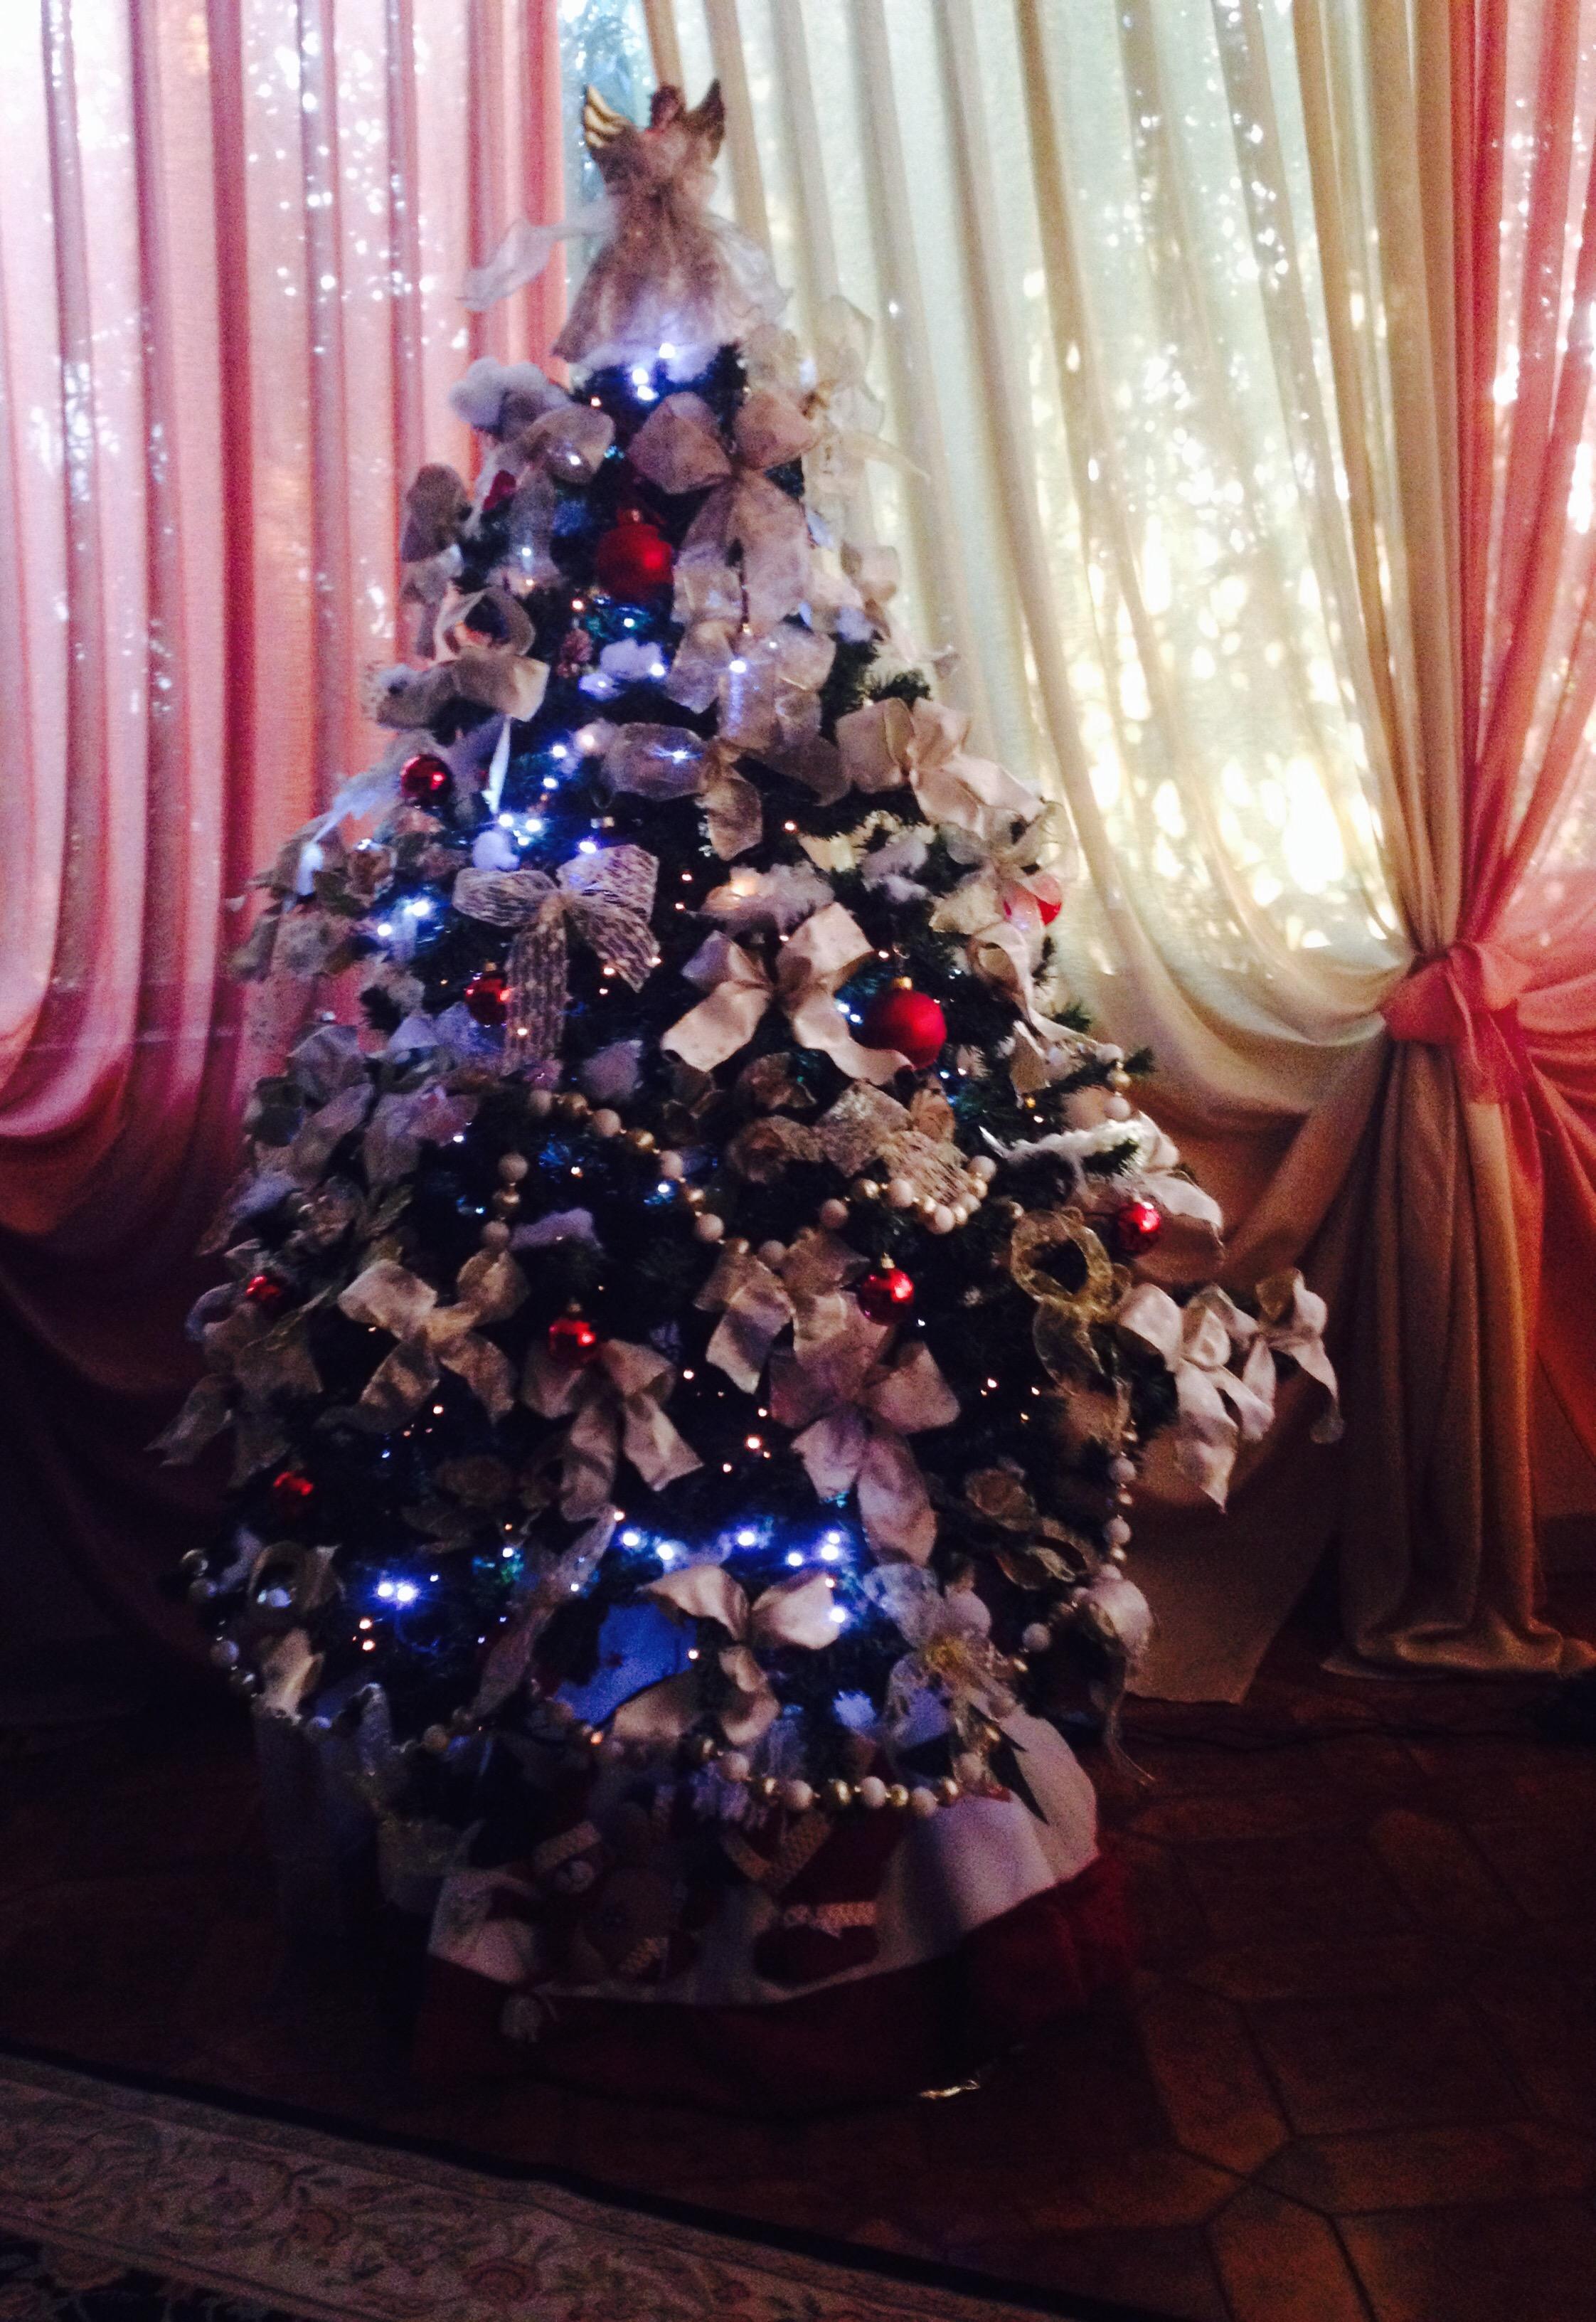 Albero Di Natale Tumblr.Storie Dell Albero Di Natale Non C E Rosa Senza Spine By Giuma